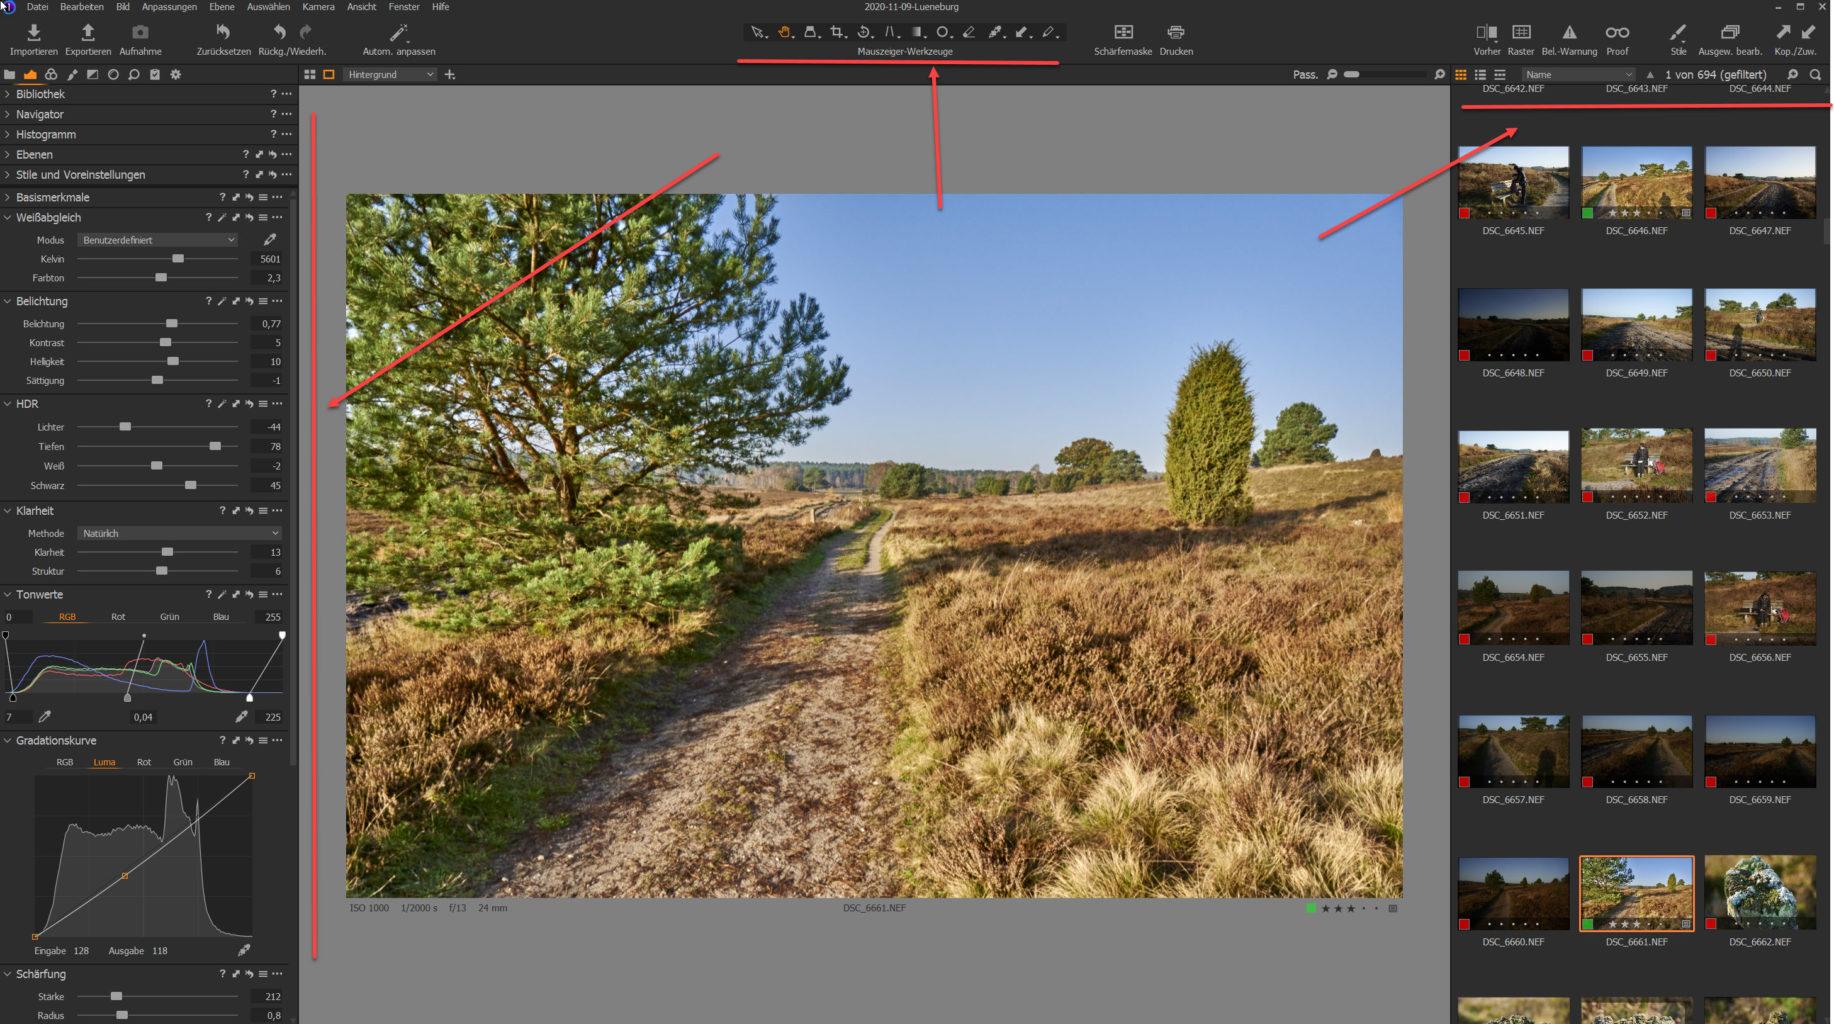 Screenshot Capture One,Workshop, Stefan Mohme